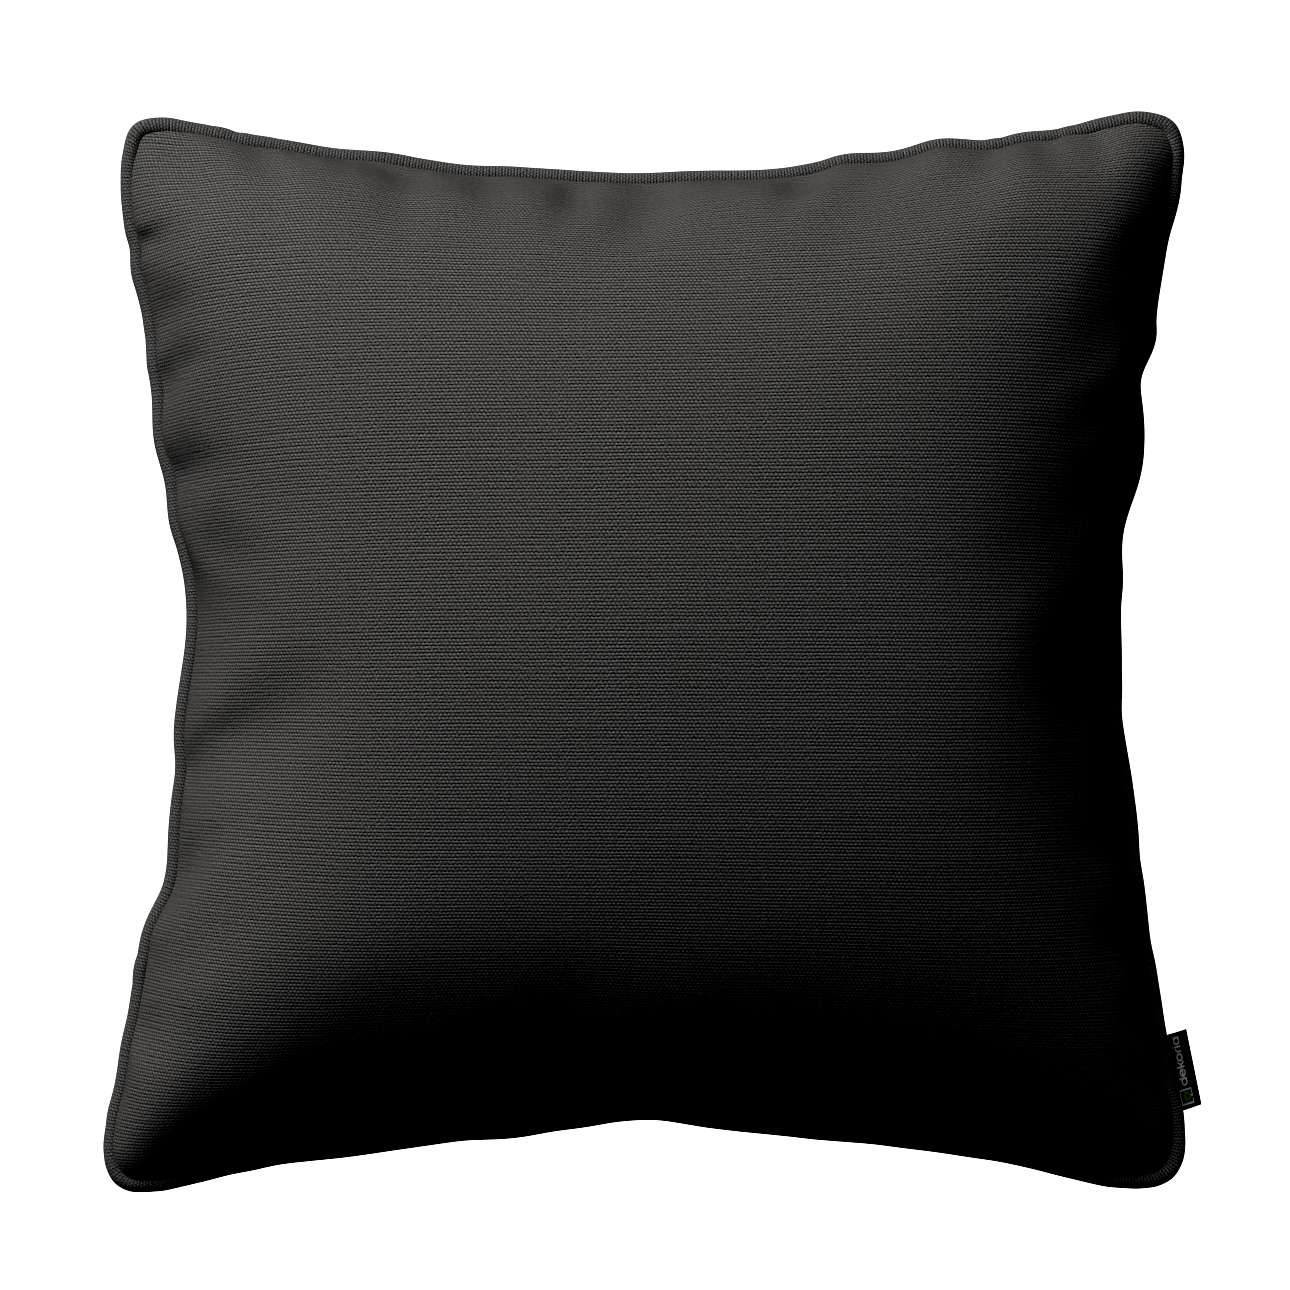 Poszewka Gabi na poduszkę 45 x 45 cm w kolekcji Cotton Panama, tkanina: 702-08